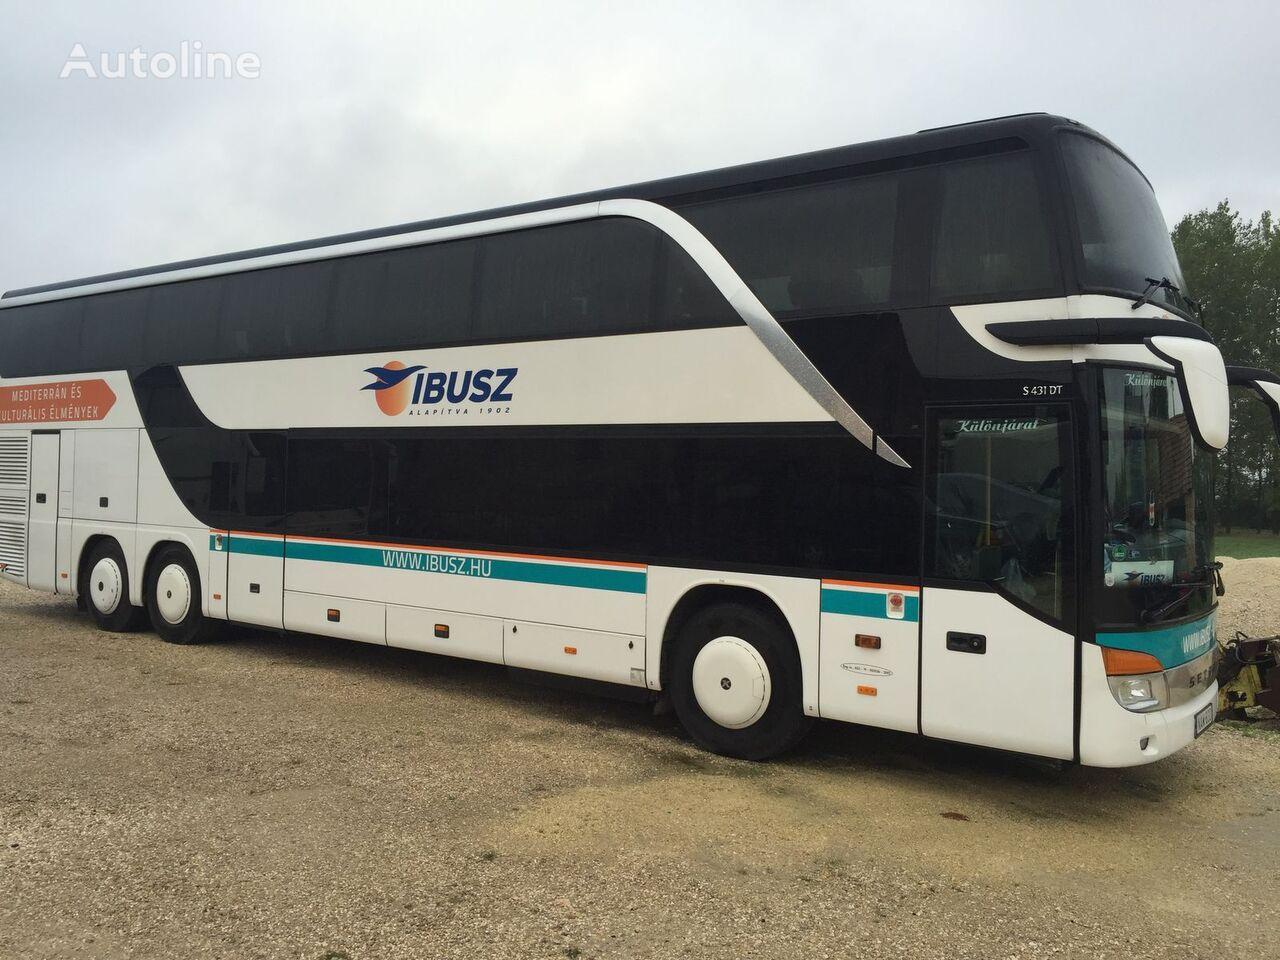 SETRA S431 DT double decker bus